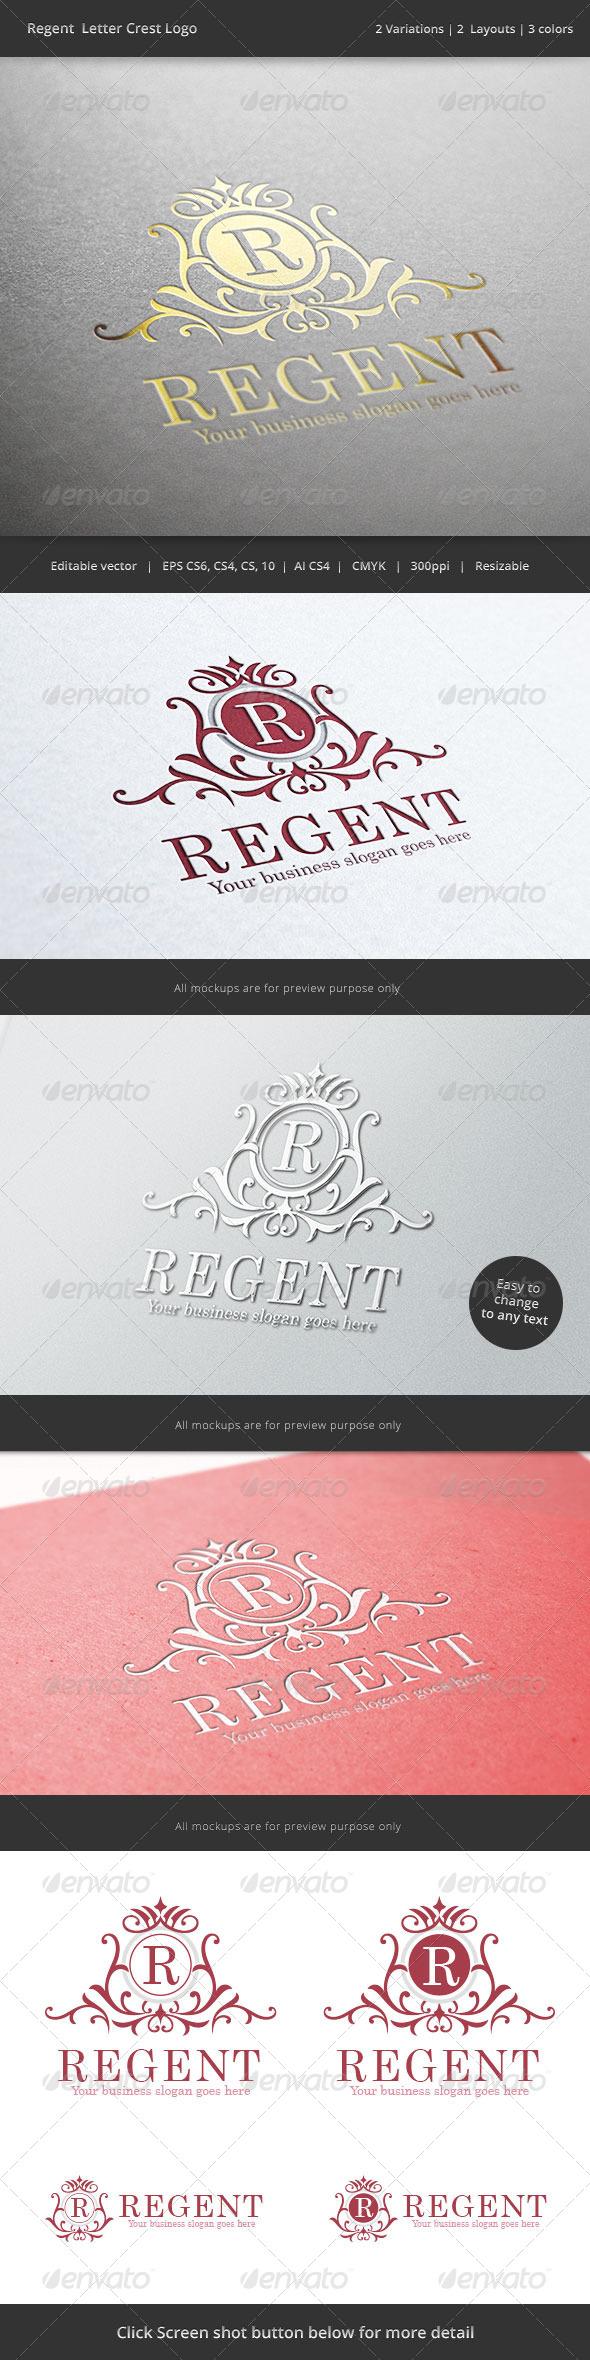 Regent  Letter Crest Logo - Crests Logo Templates